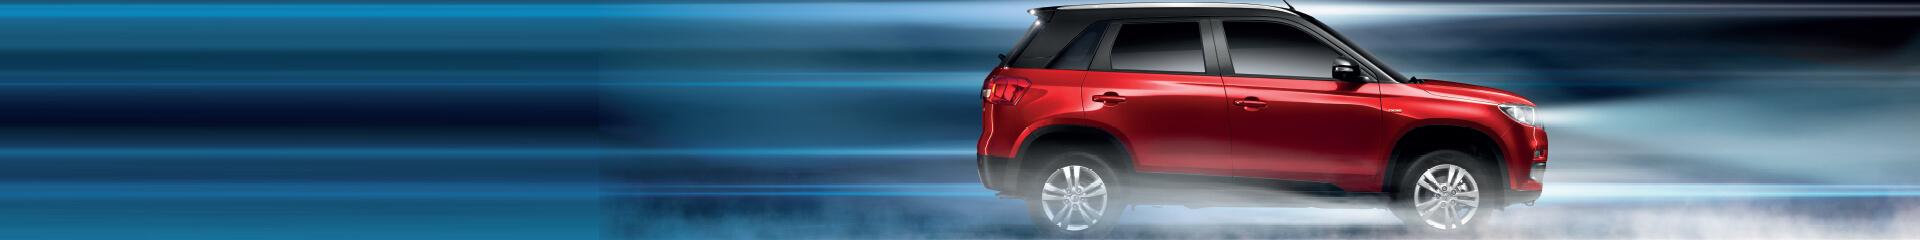 Compact SUV, New Mini SUV From Maruti Suzuki